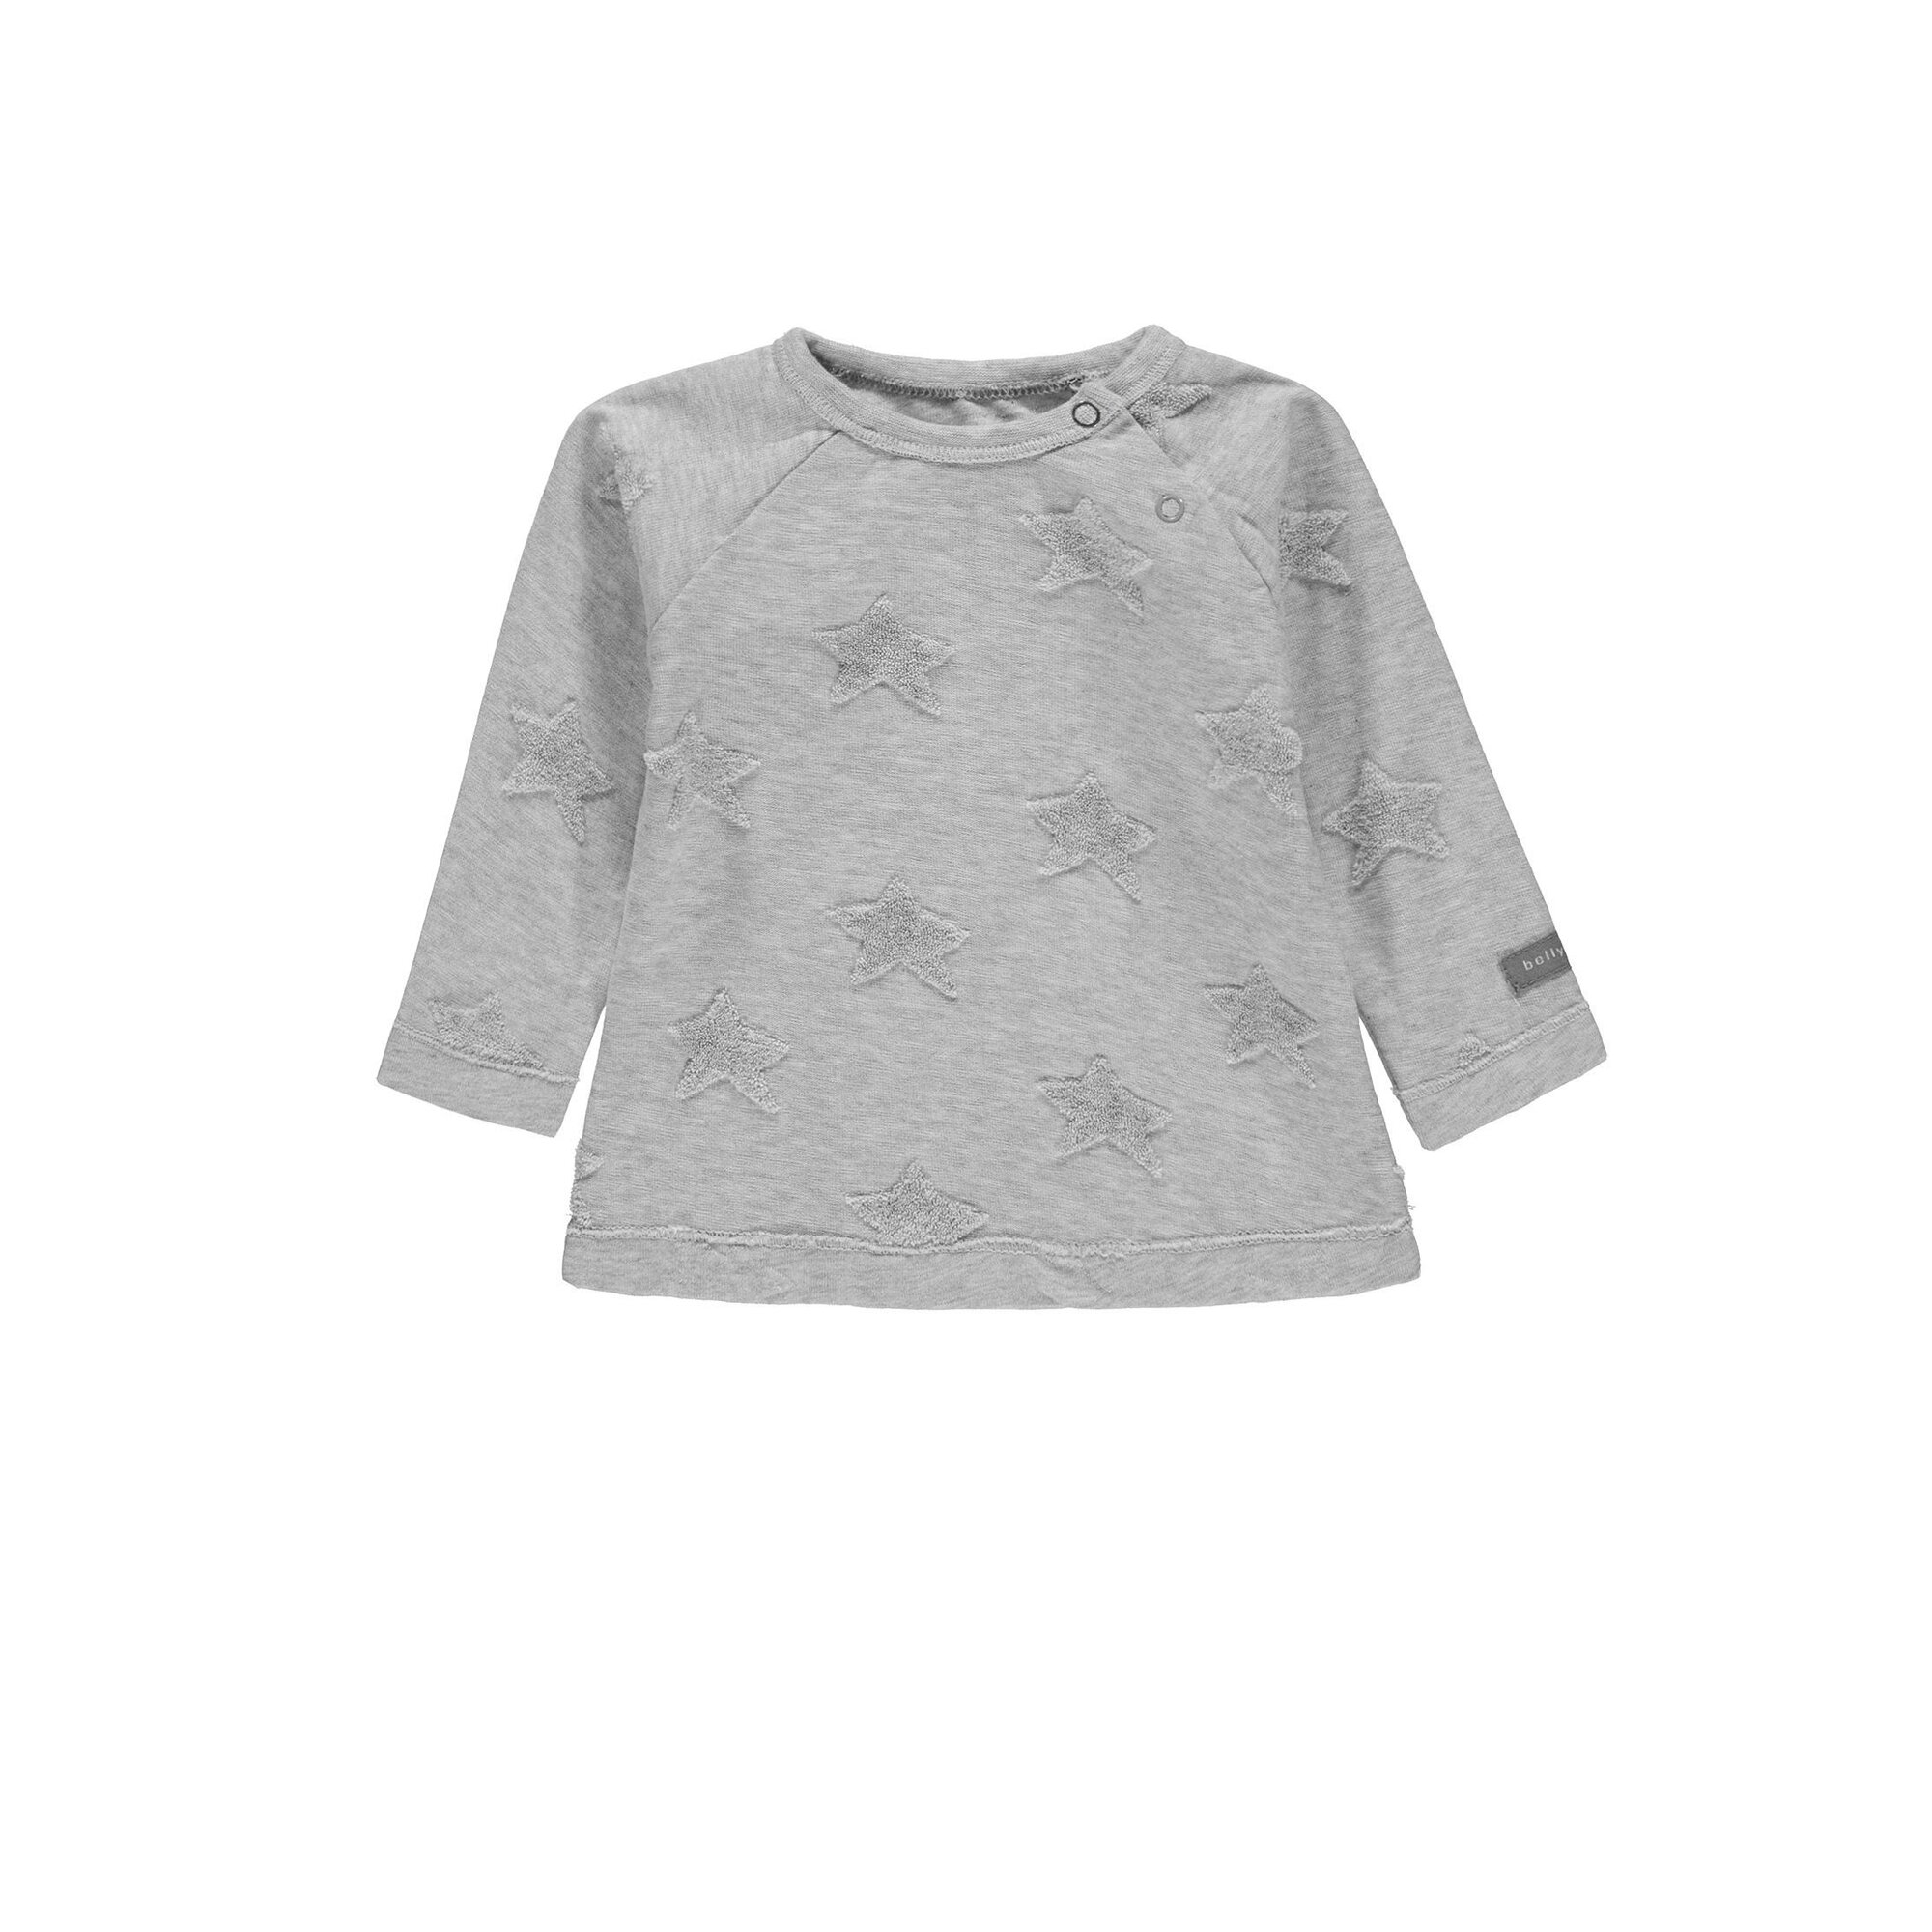 bellybutton-sweatshirt